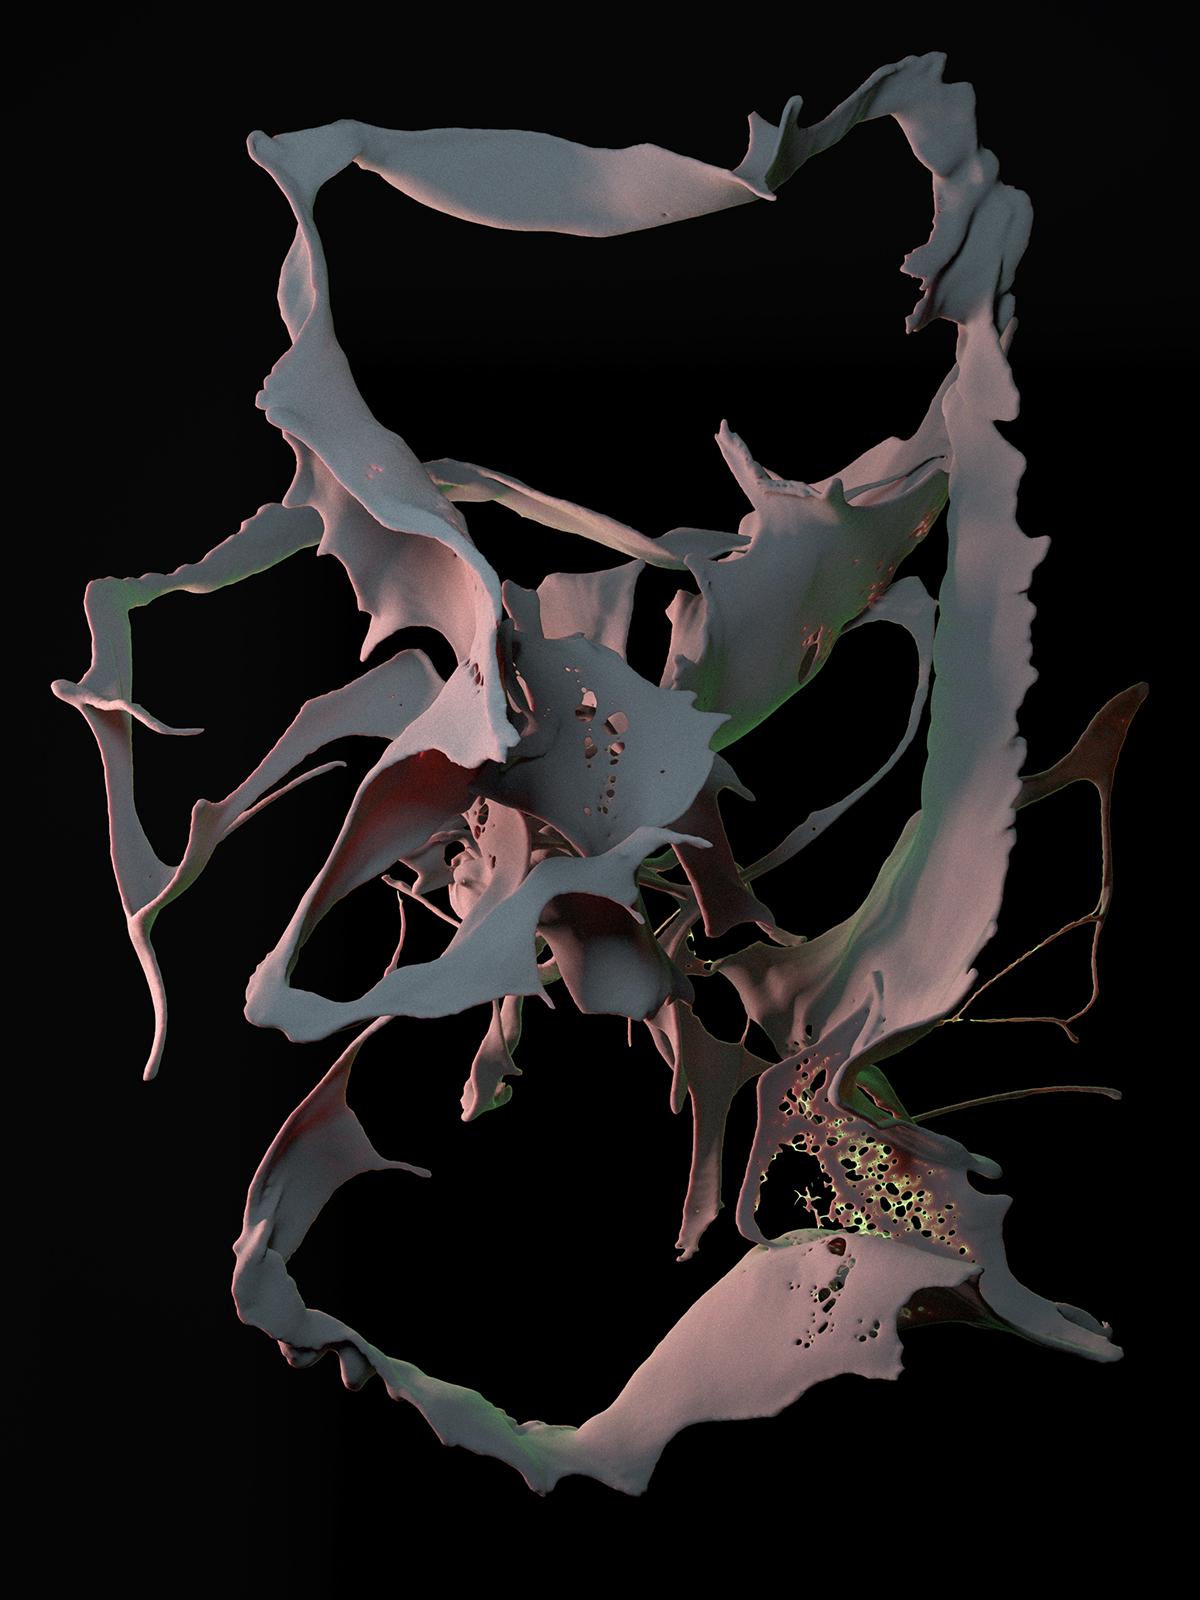 Banz & Bowinkel, Fluid 19_04, Fine Art Print, 140 cm x 105 cm, 2013